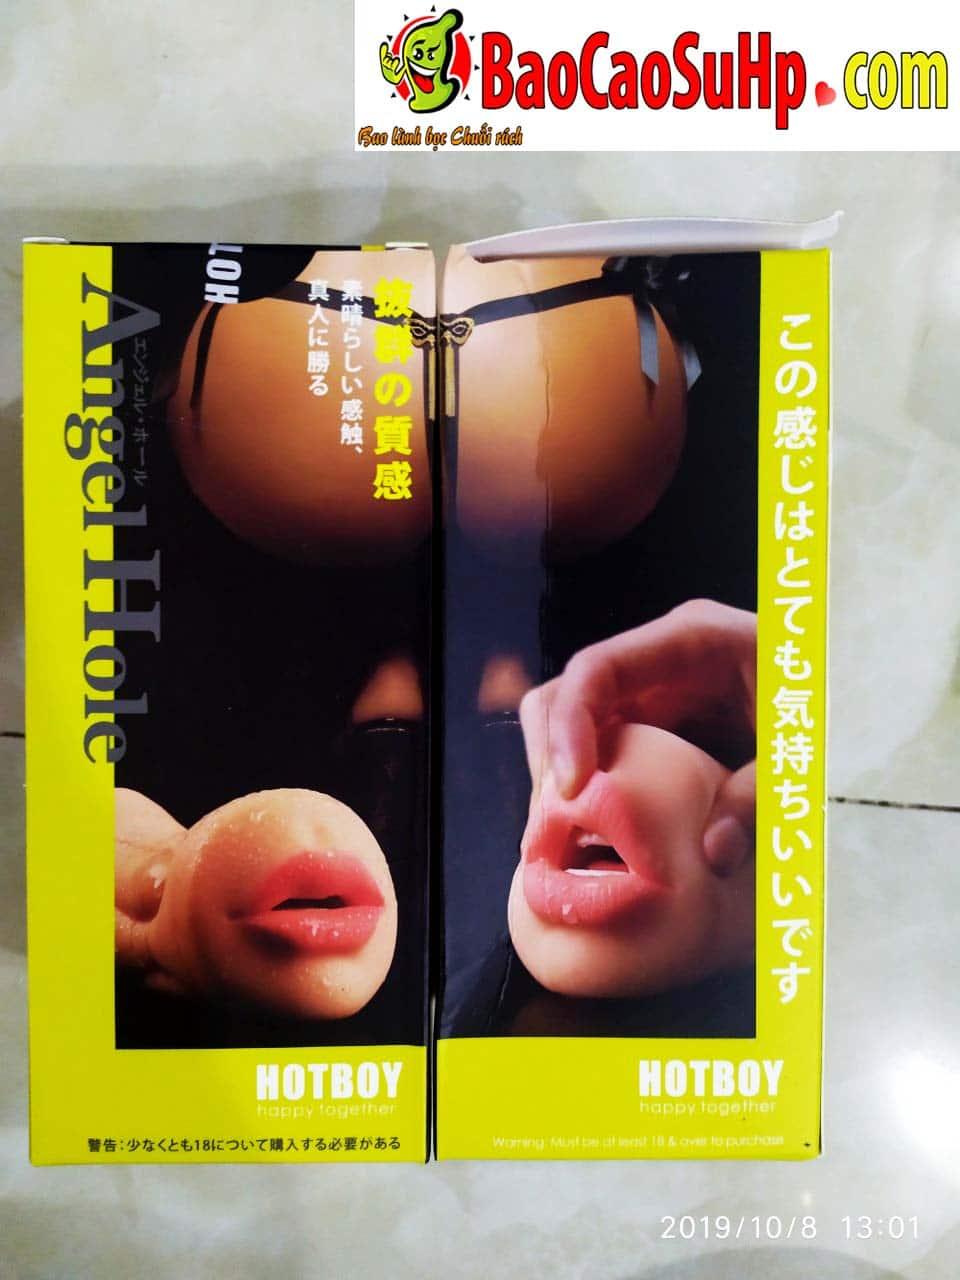 20191008235002 3028931 sextoy am dao cam tay cao cap hotboy 1 - Đồ chơi tình dục các loại hàng về 08.10.2019